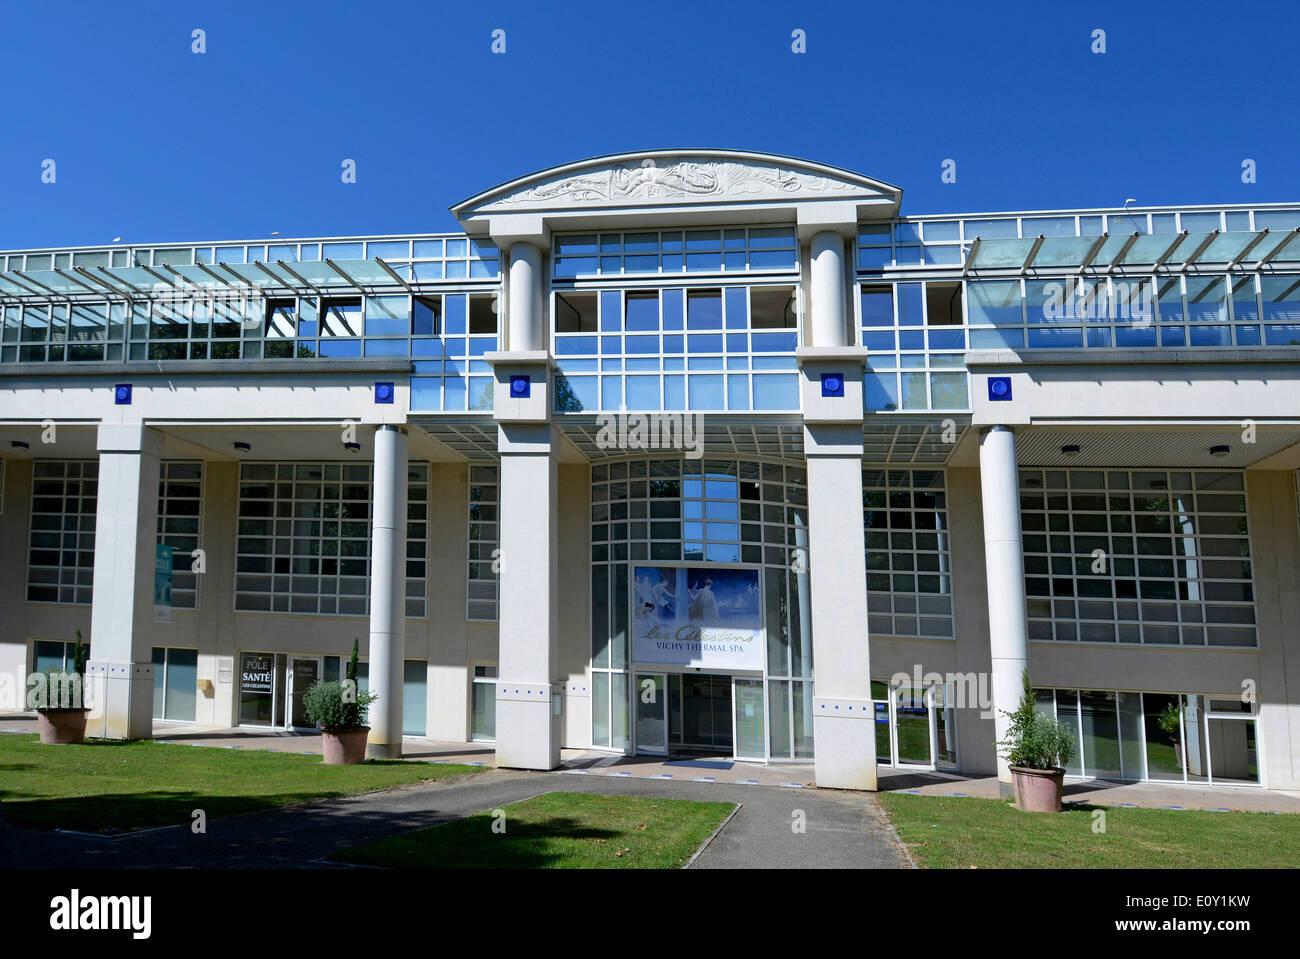 Spa, les Celestins, Vichy, Allier, Auvergne, France. - Stock Image